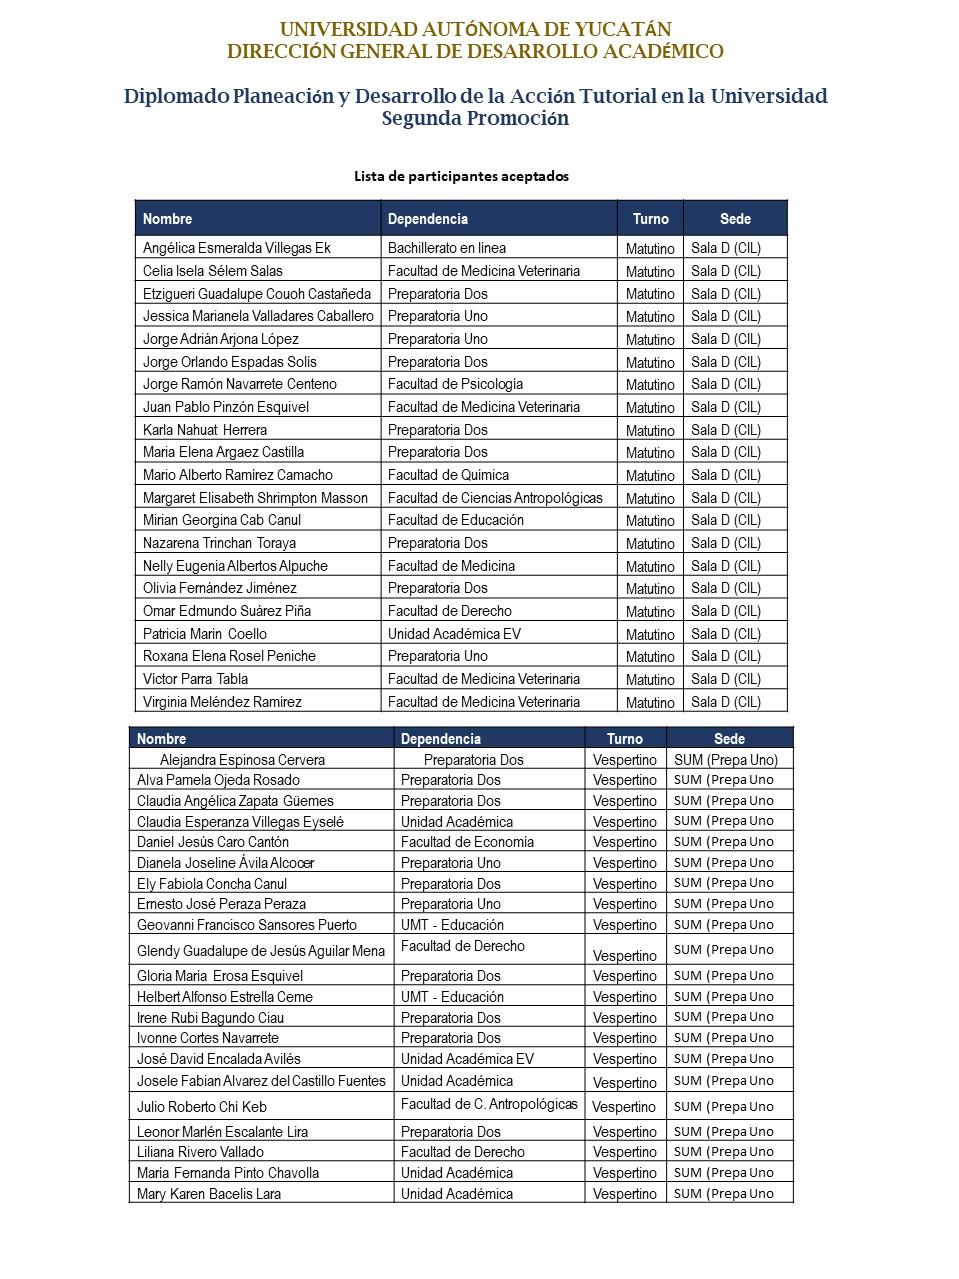 Lista de participantes-Diplomado Planeación y Desarrollo de la Acción Tutorial en la Universidad